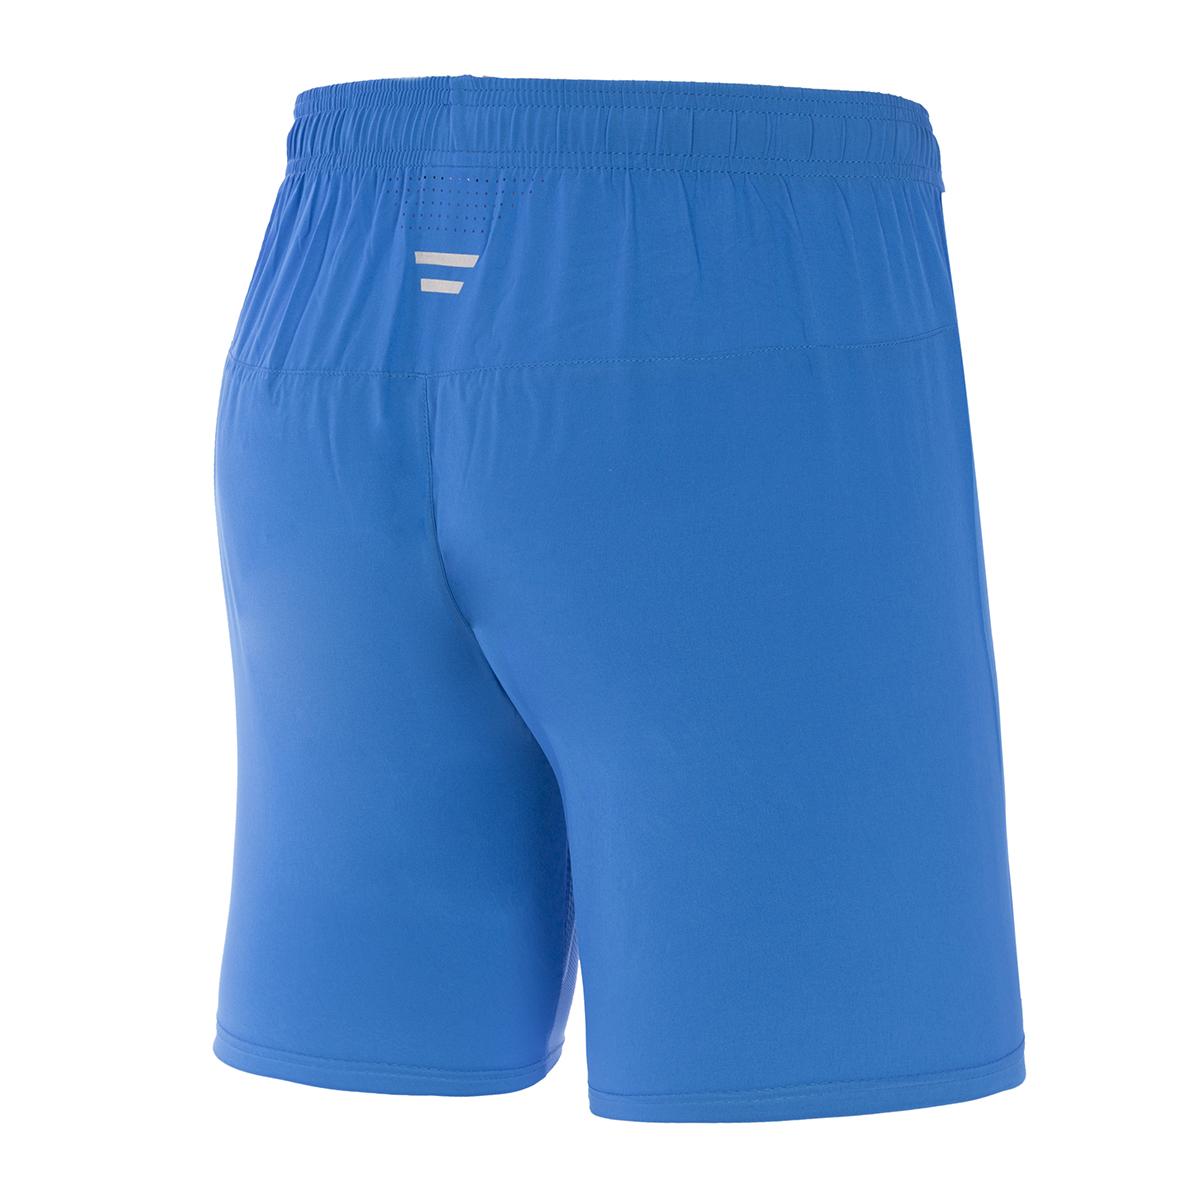 MAN'S DUFOUR RUNNING SHORT BLUE